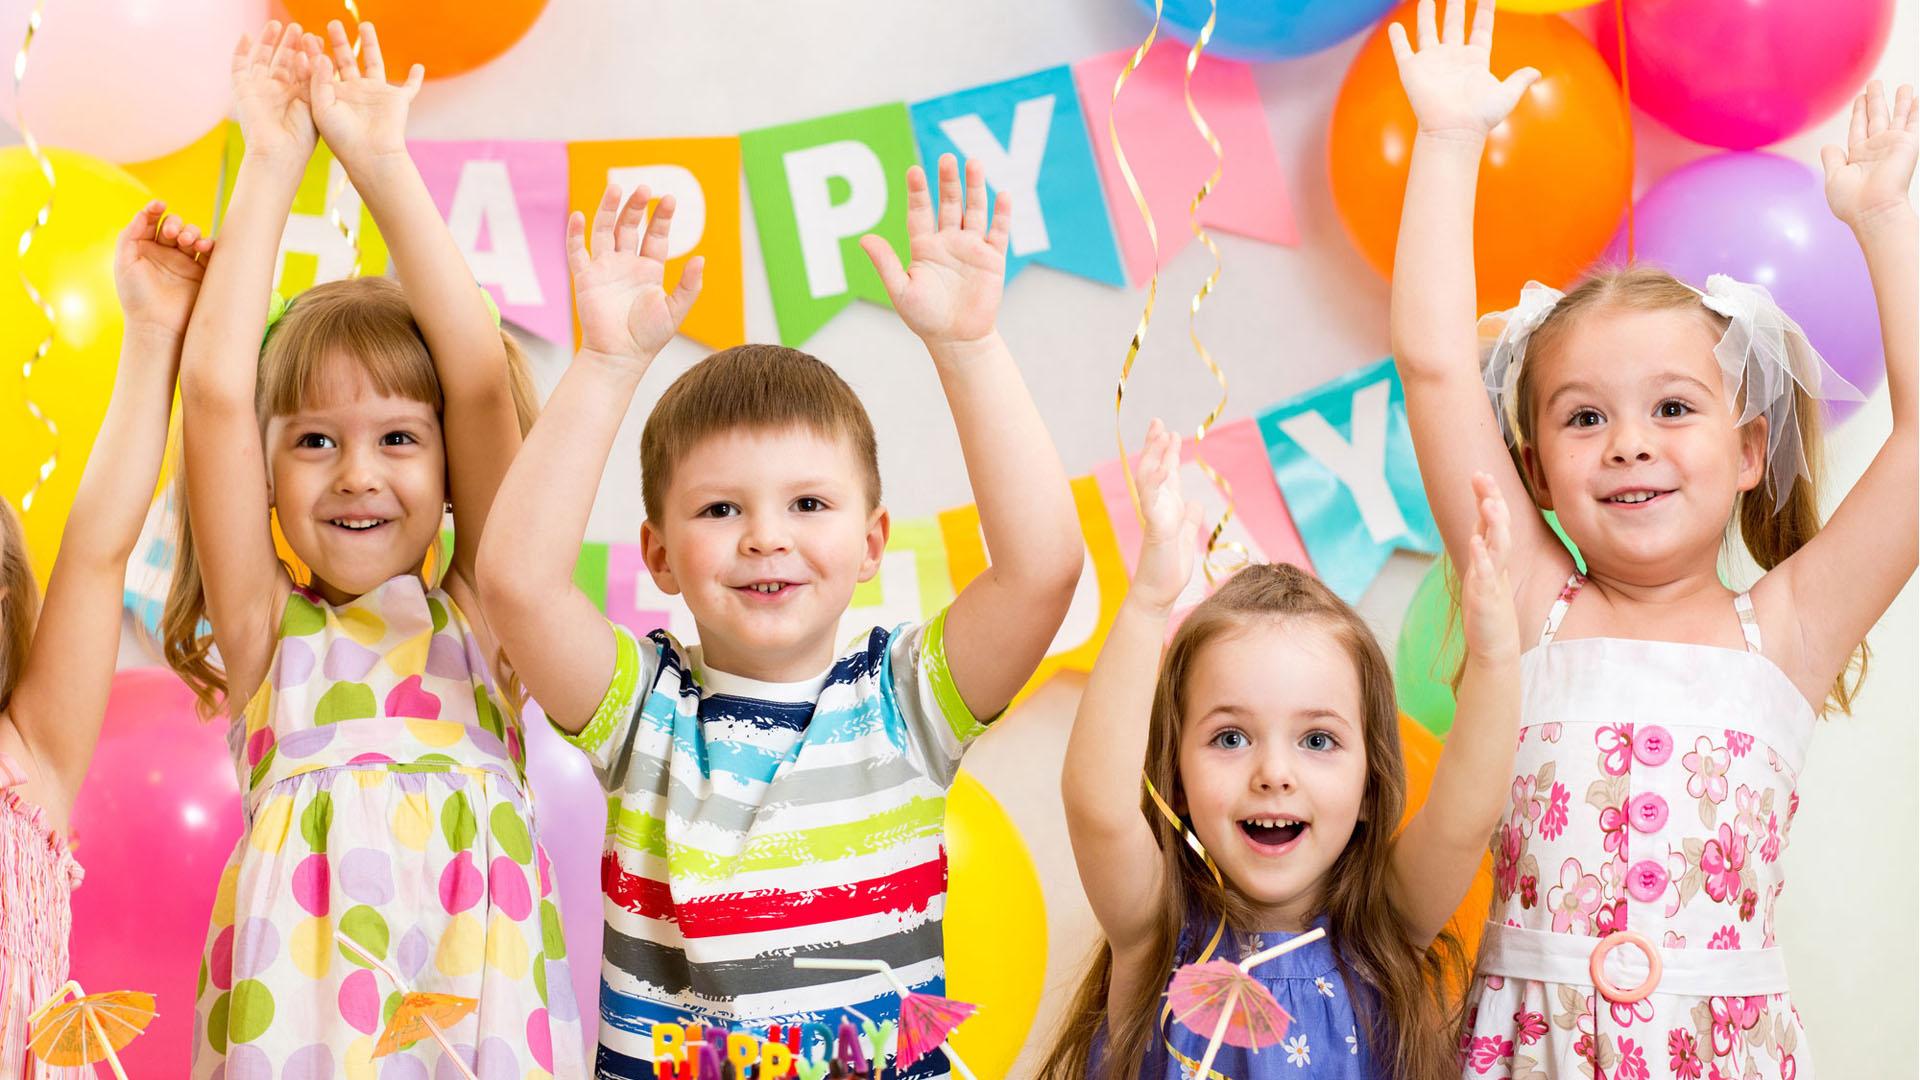 25 способов, как сделать день рождения ребенка незабываемым 21